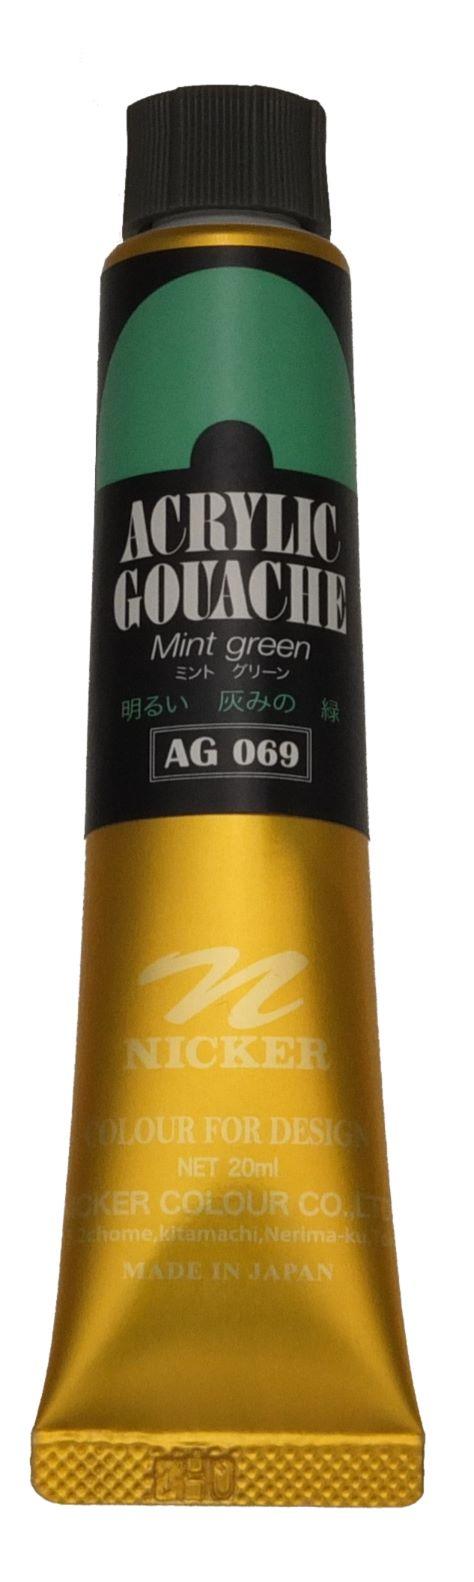 <Discontinued> ACRYLIC GOUACHE 20ml AG069 MINT GREEN